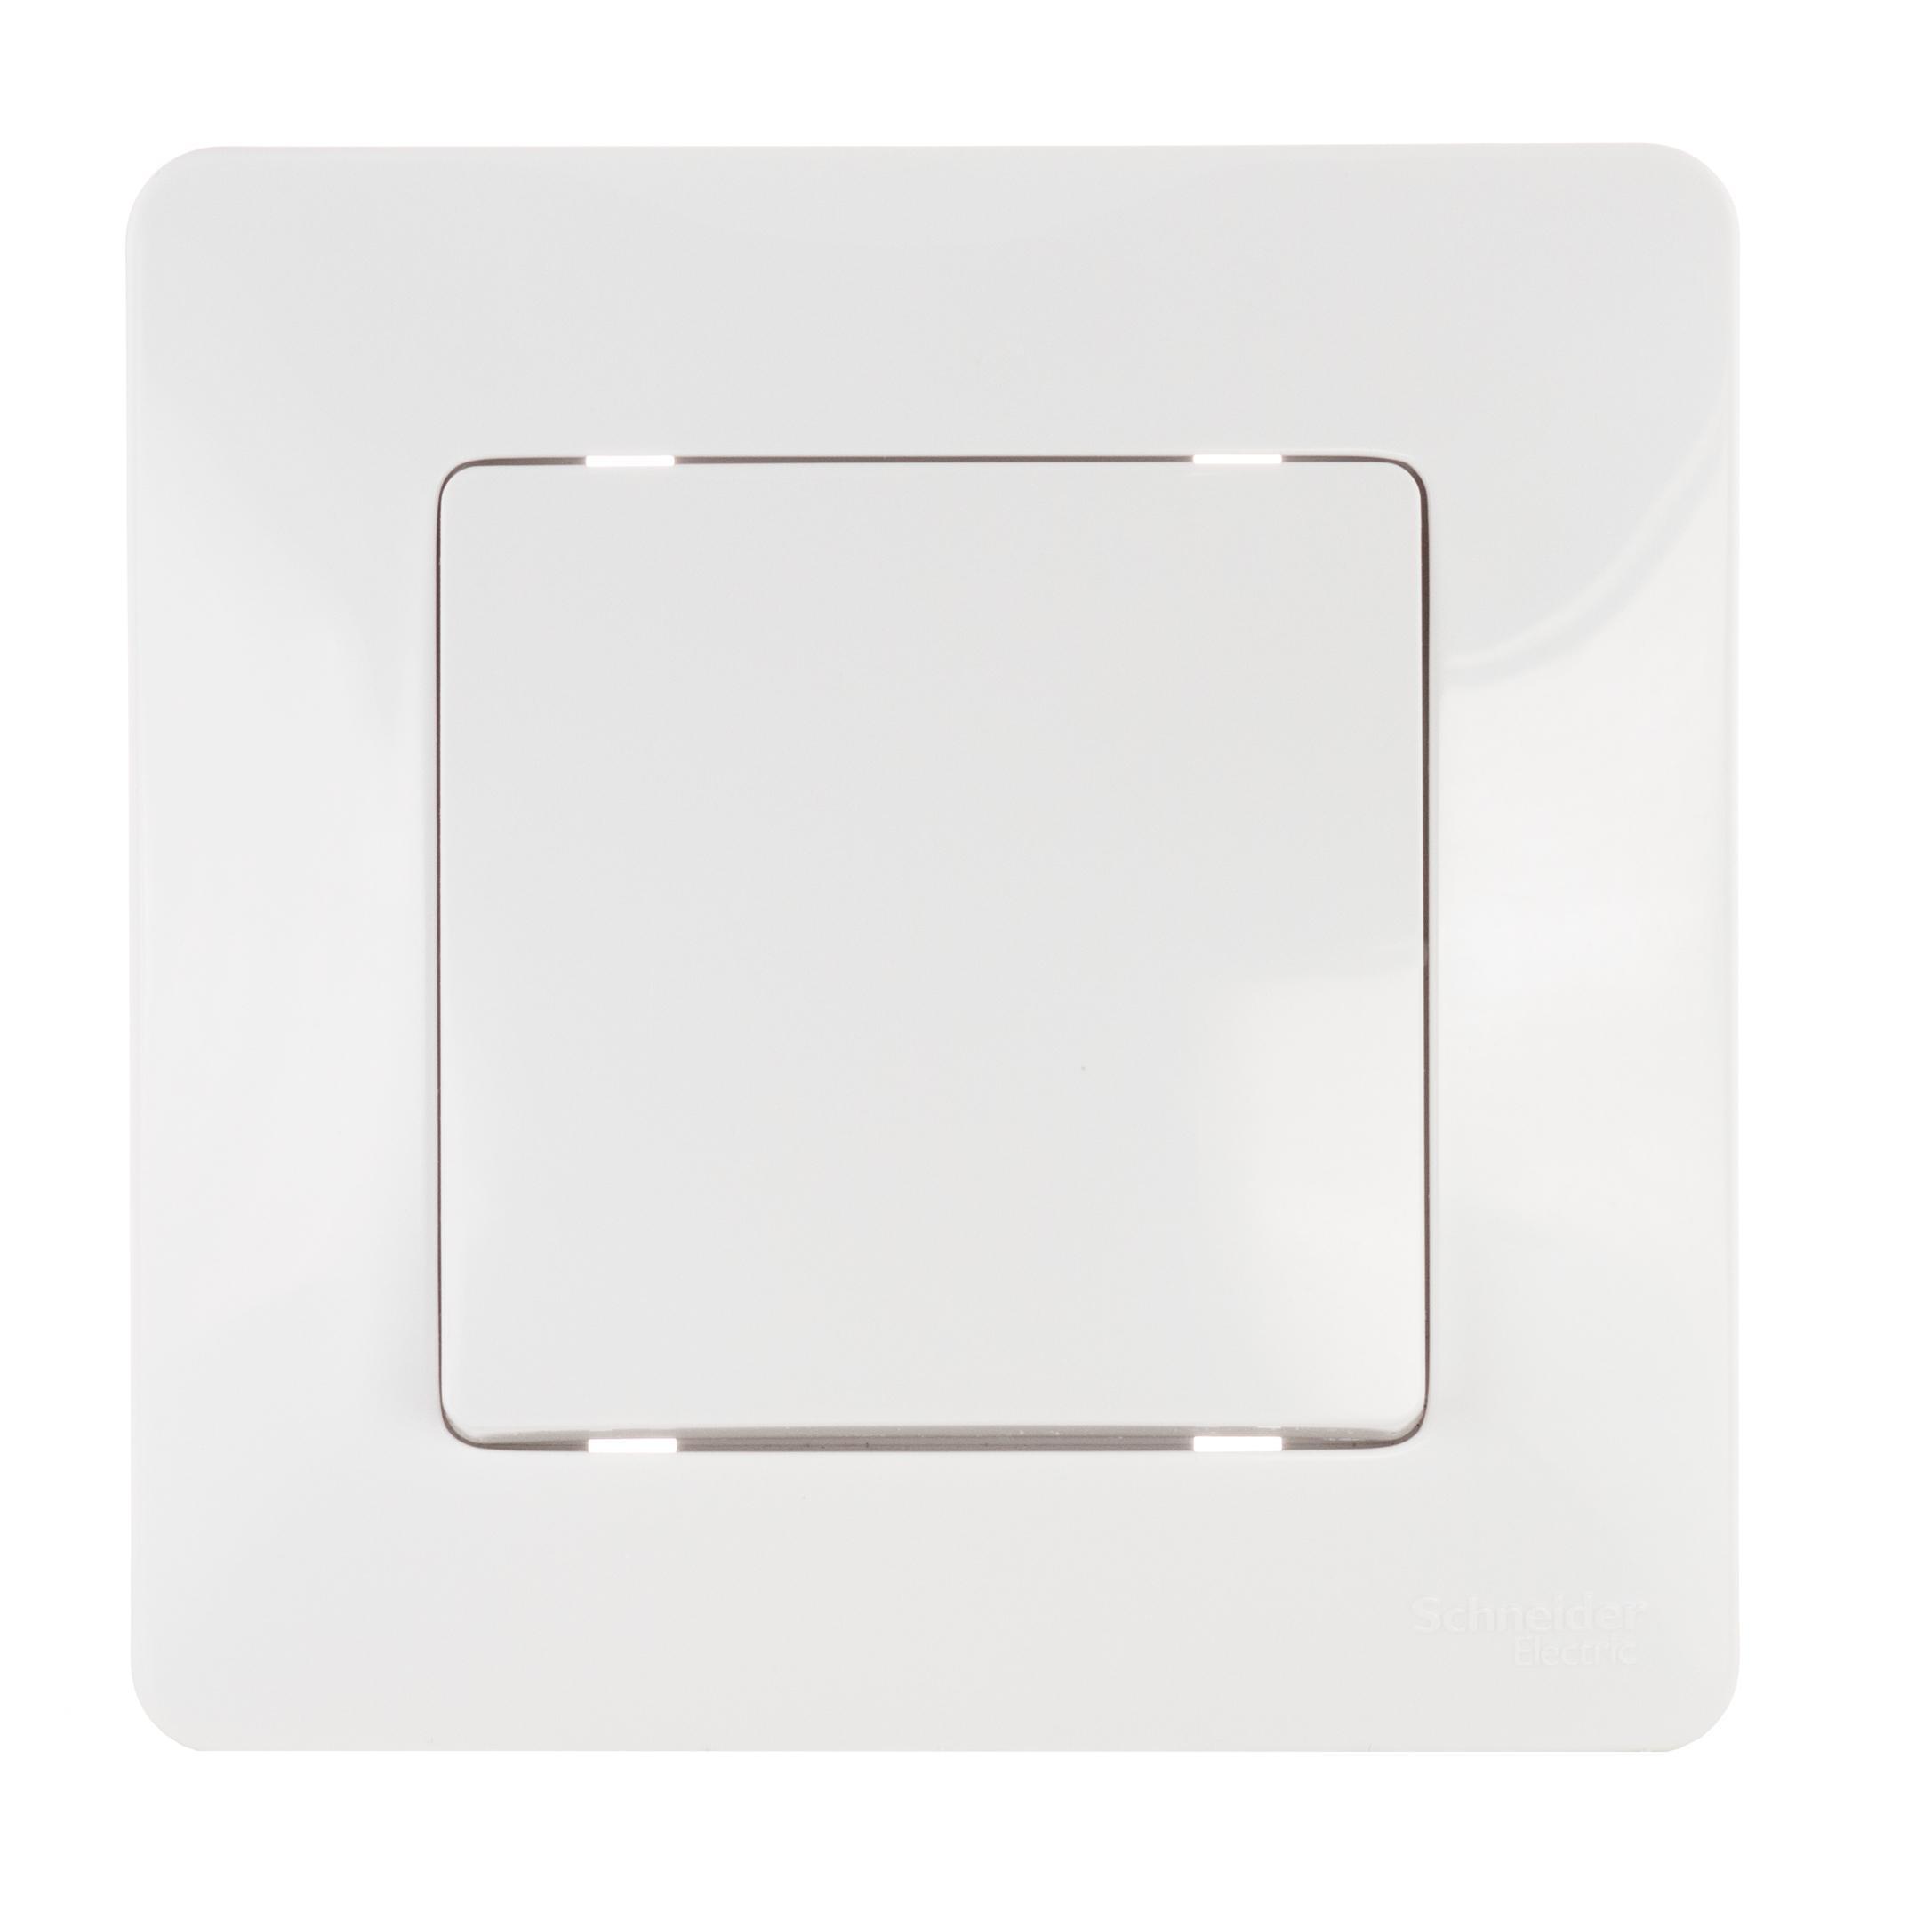 Выключатель Schneider electric Blnvs010101 blanca